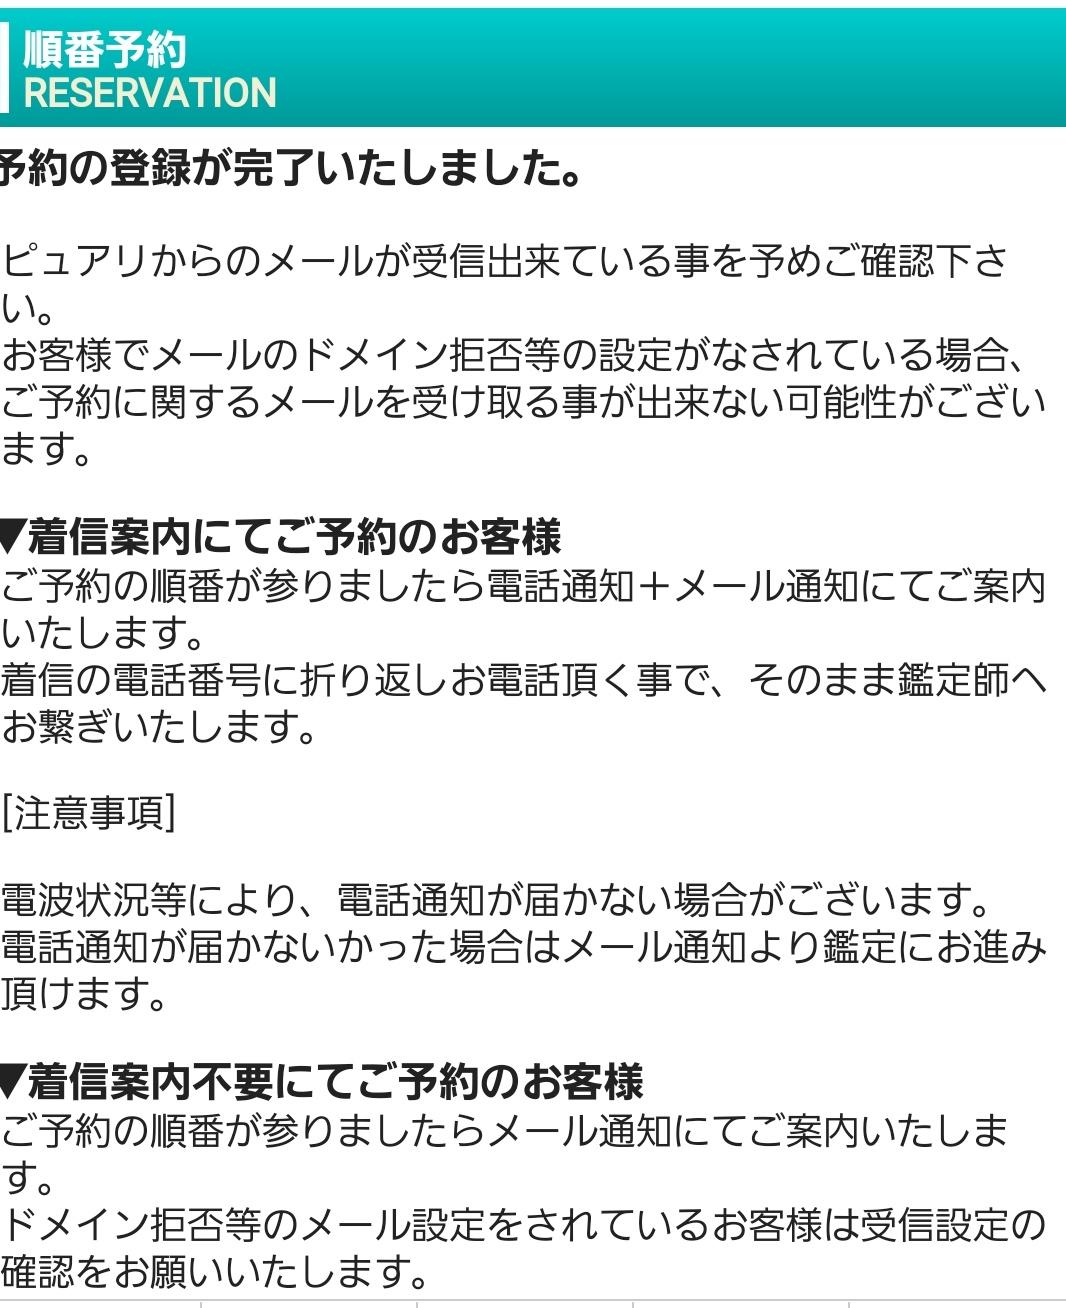 電話占いピュアリの桜ノ宮先生の予約の取り方